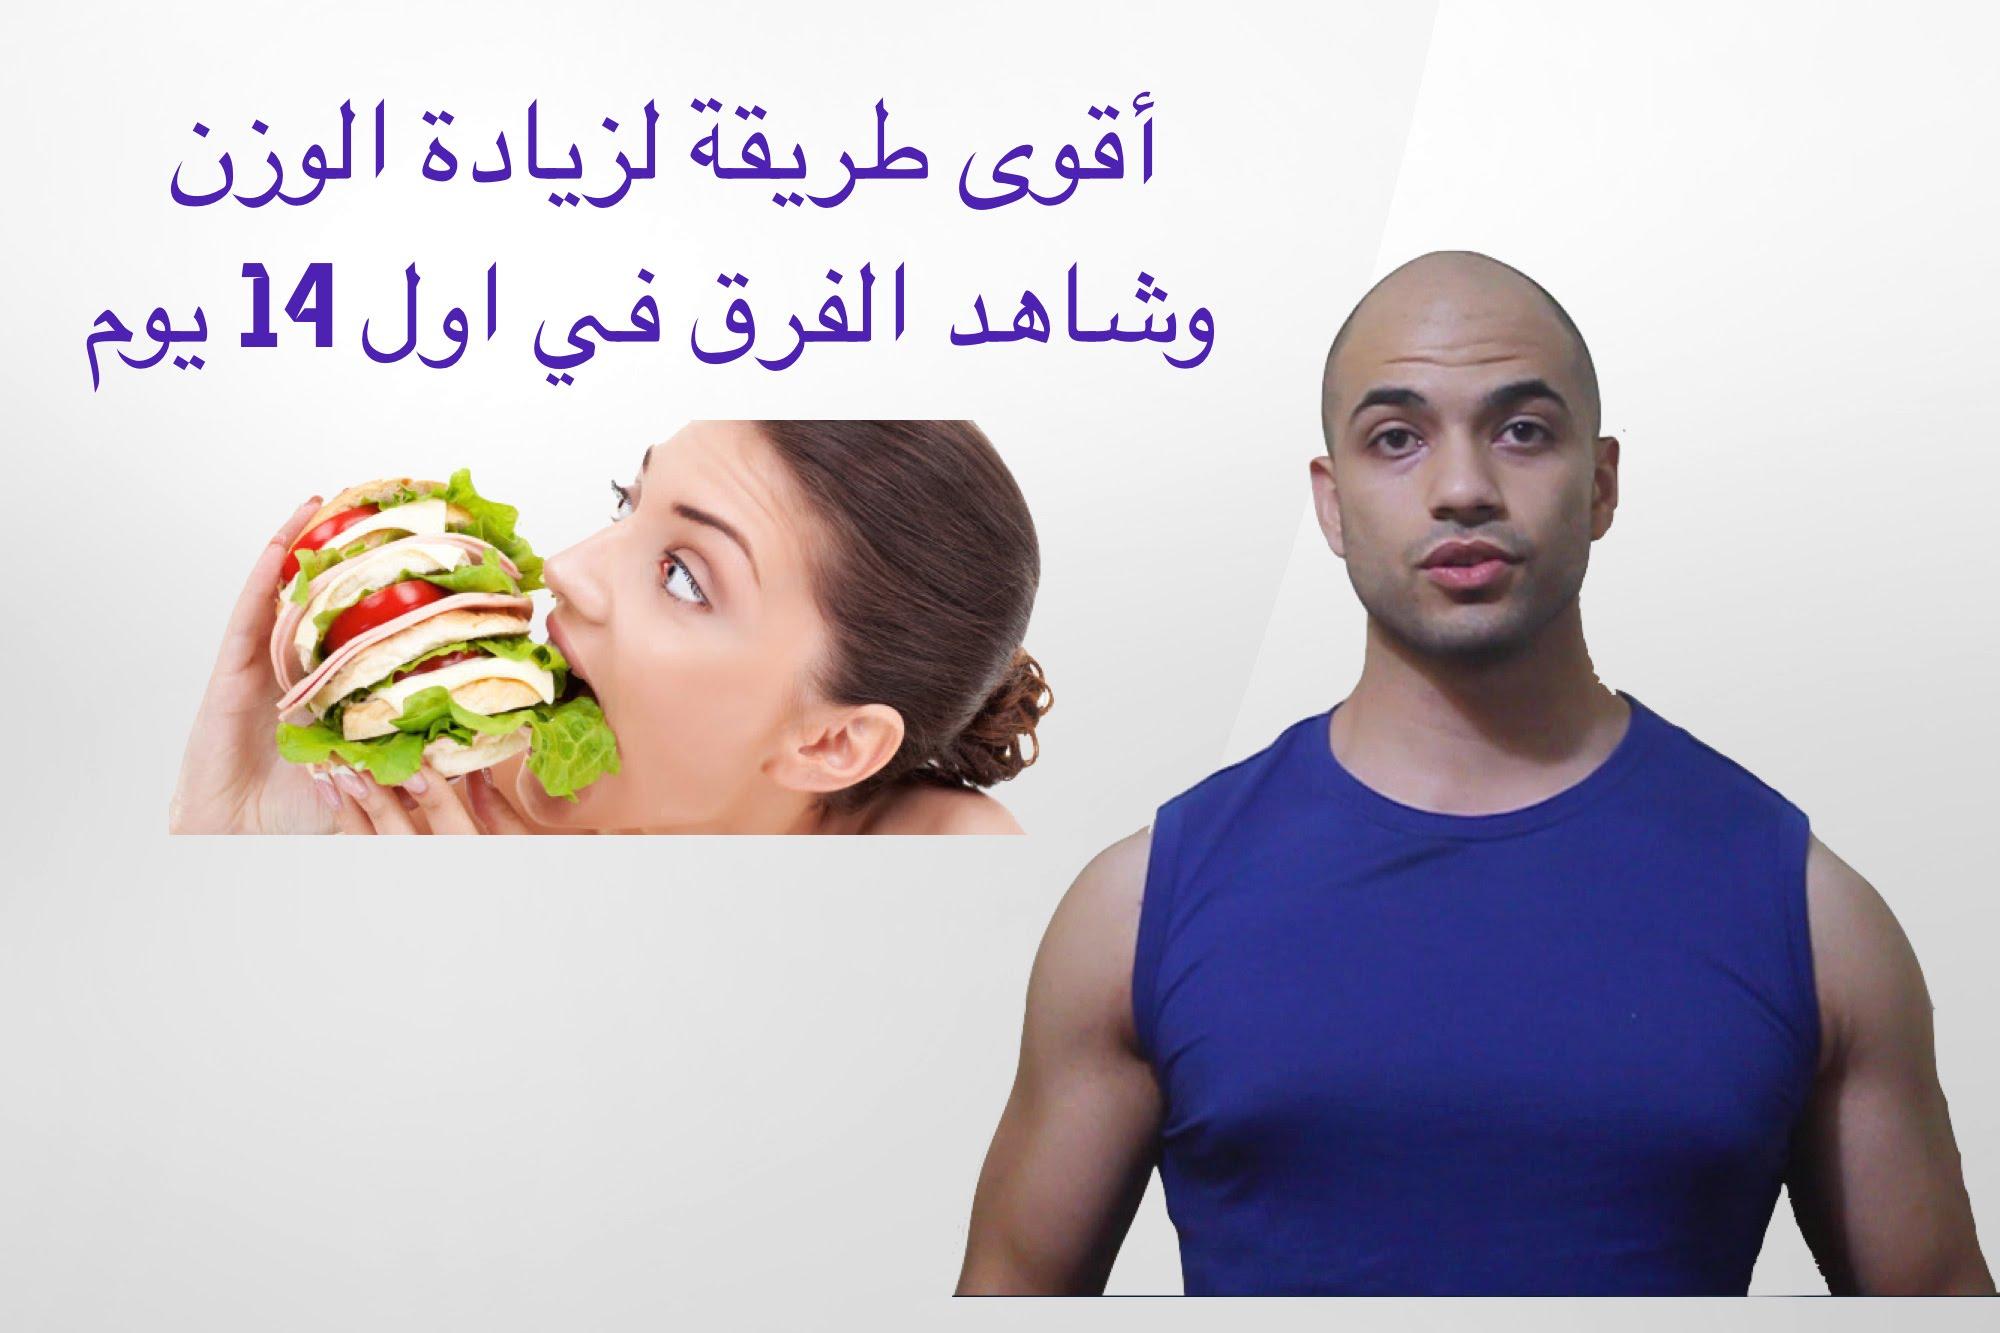 صور اسرع طريقة لزيادة الوزن , تعرف على احدث الطرق لزيادة الوزن